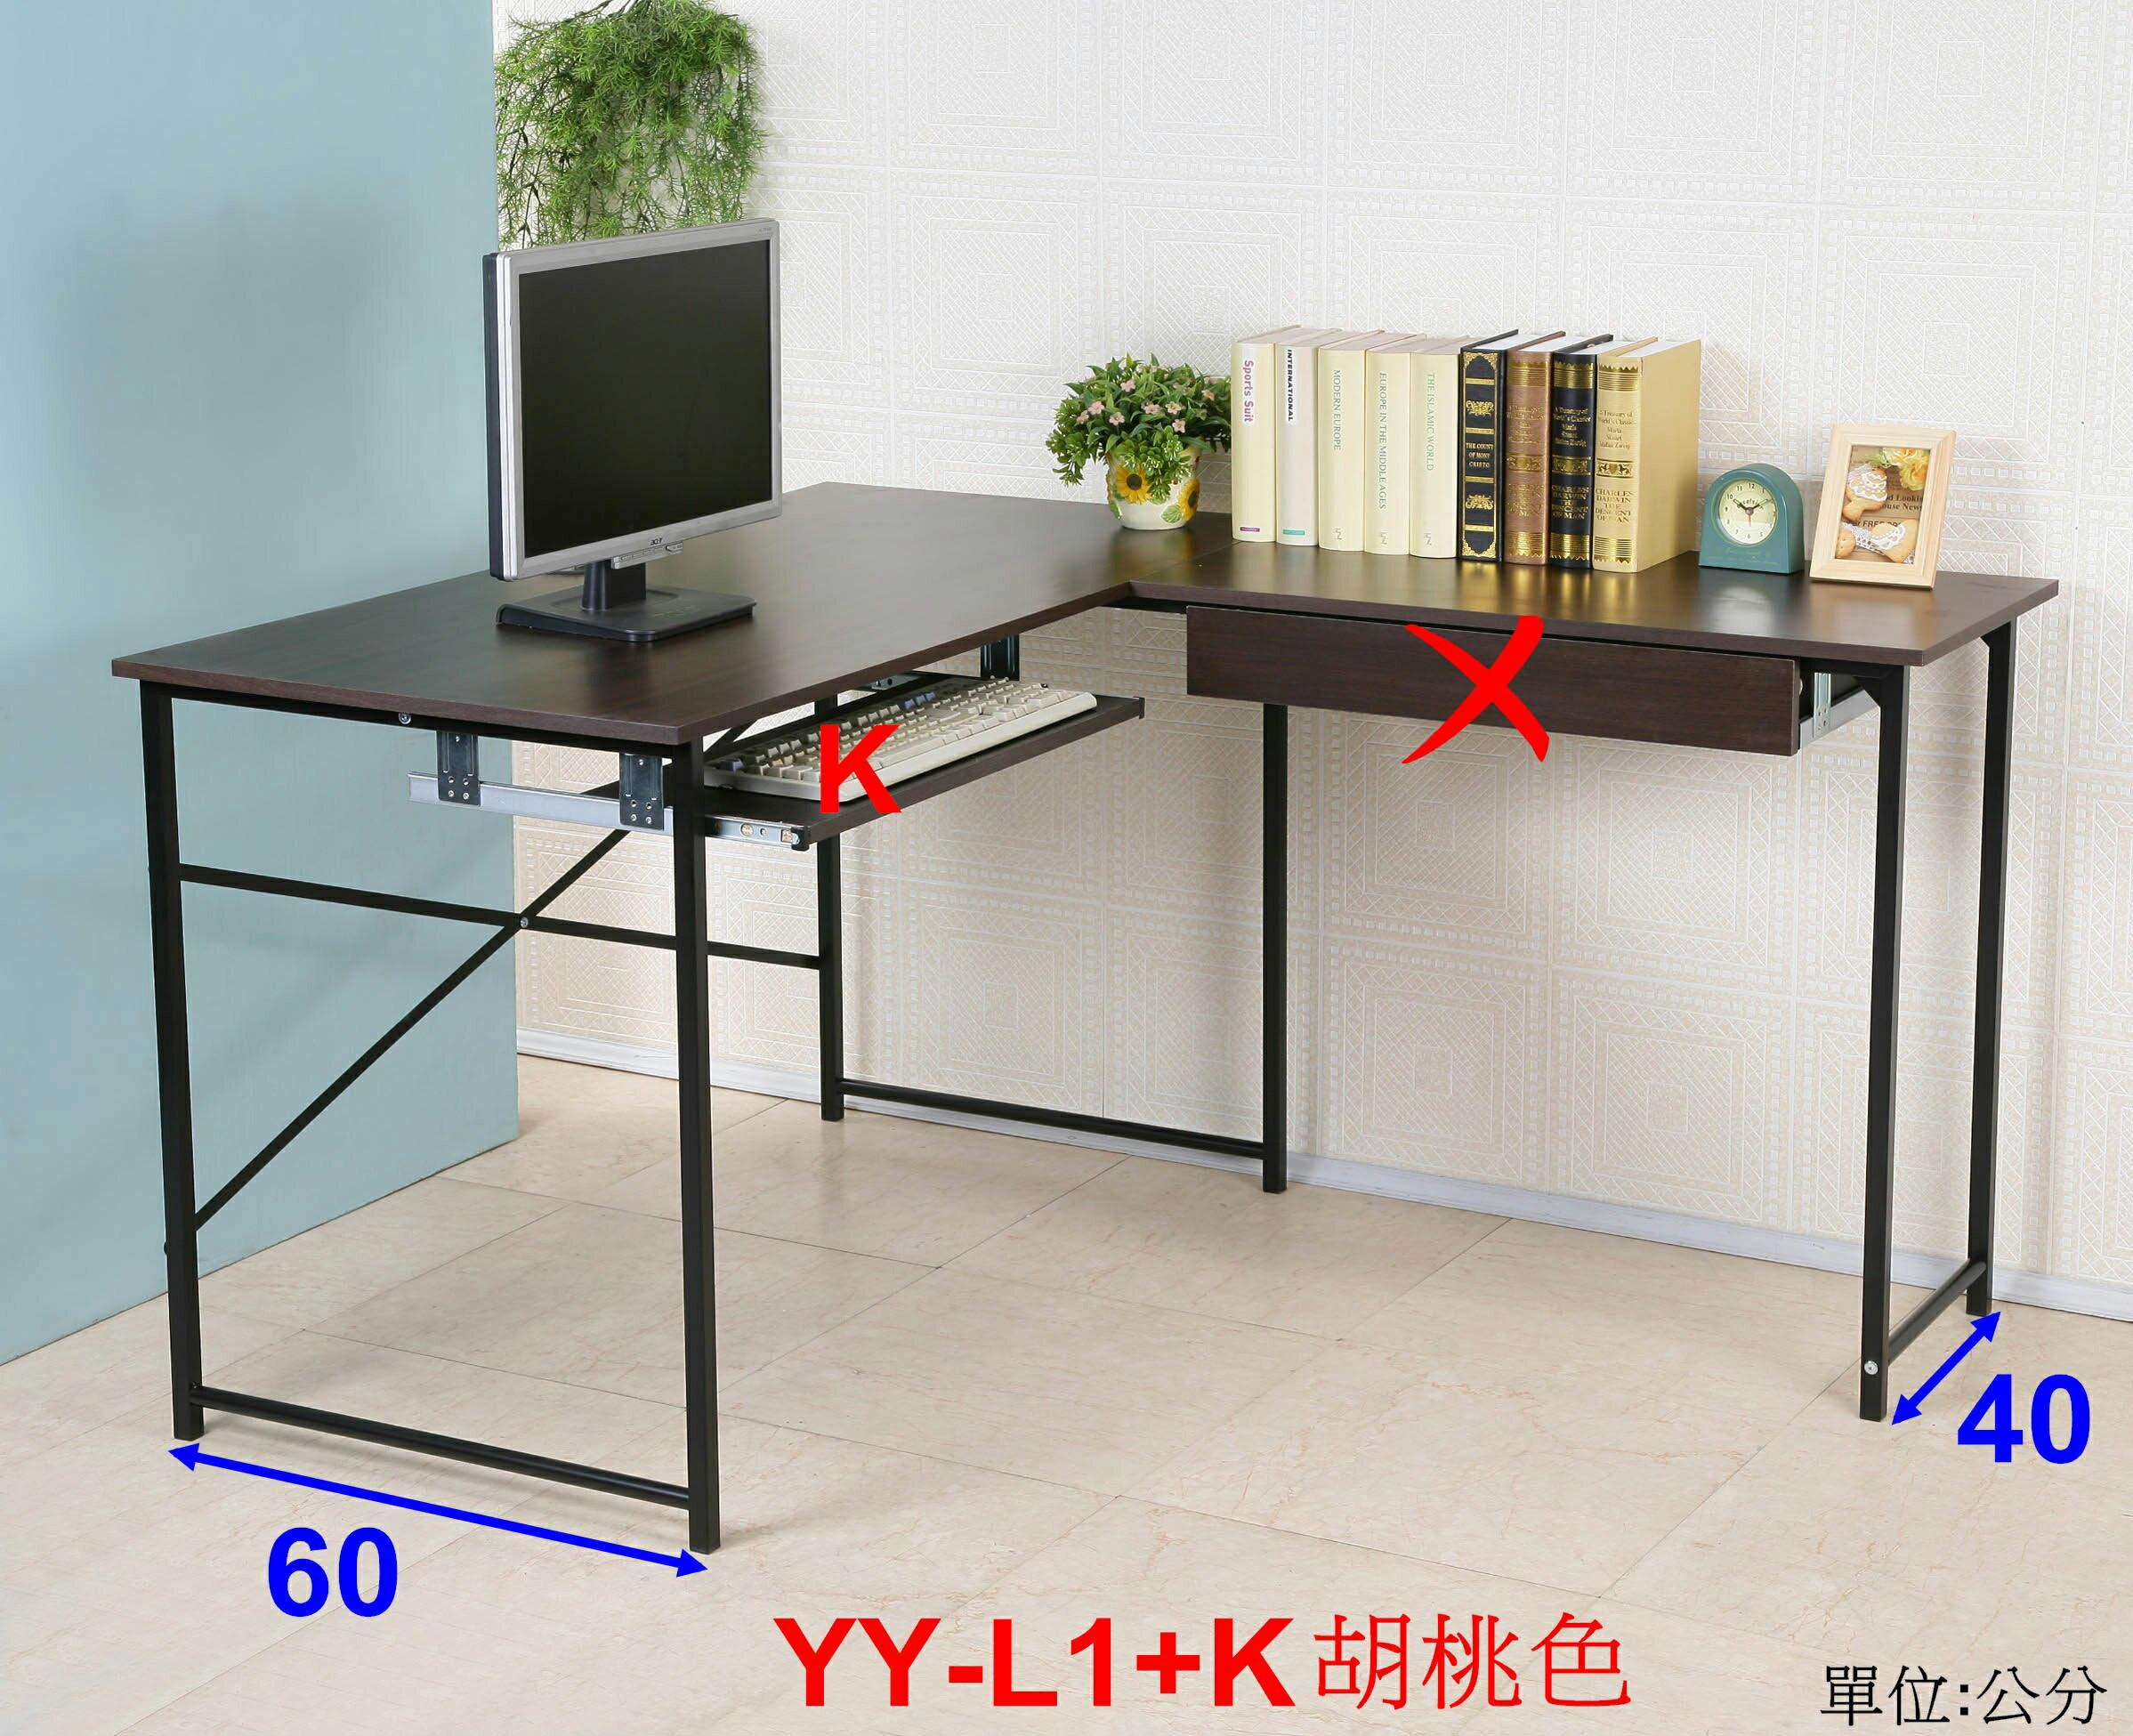 電競桌/辦公桌/電腦桌/書桌《 佳家生活館 》左左右右 L型桌附抽屜組X1組YY-L1+1D二色可選